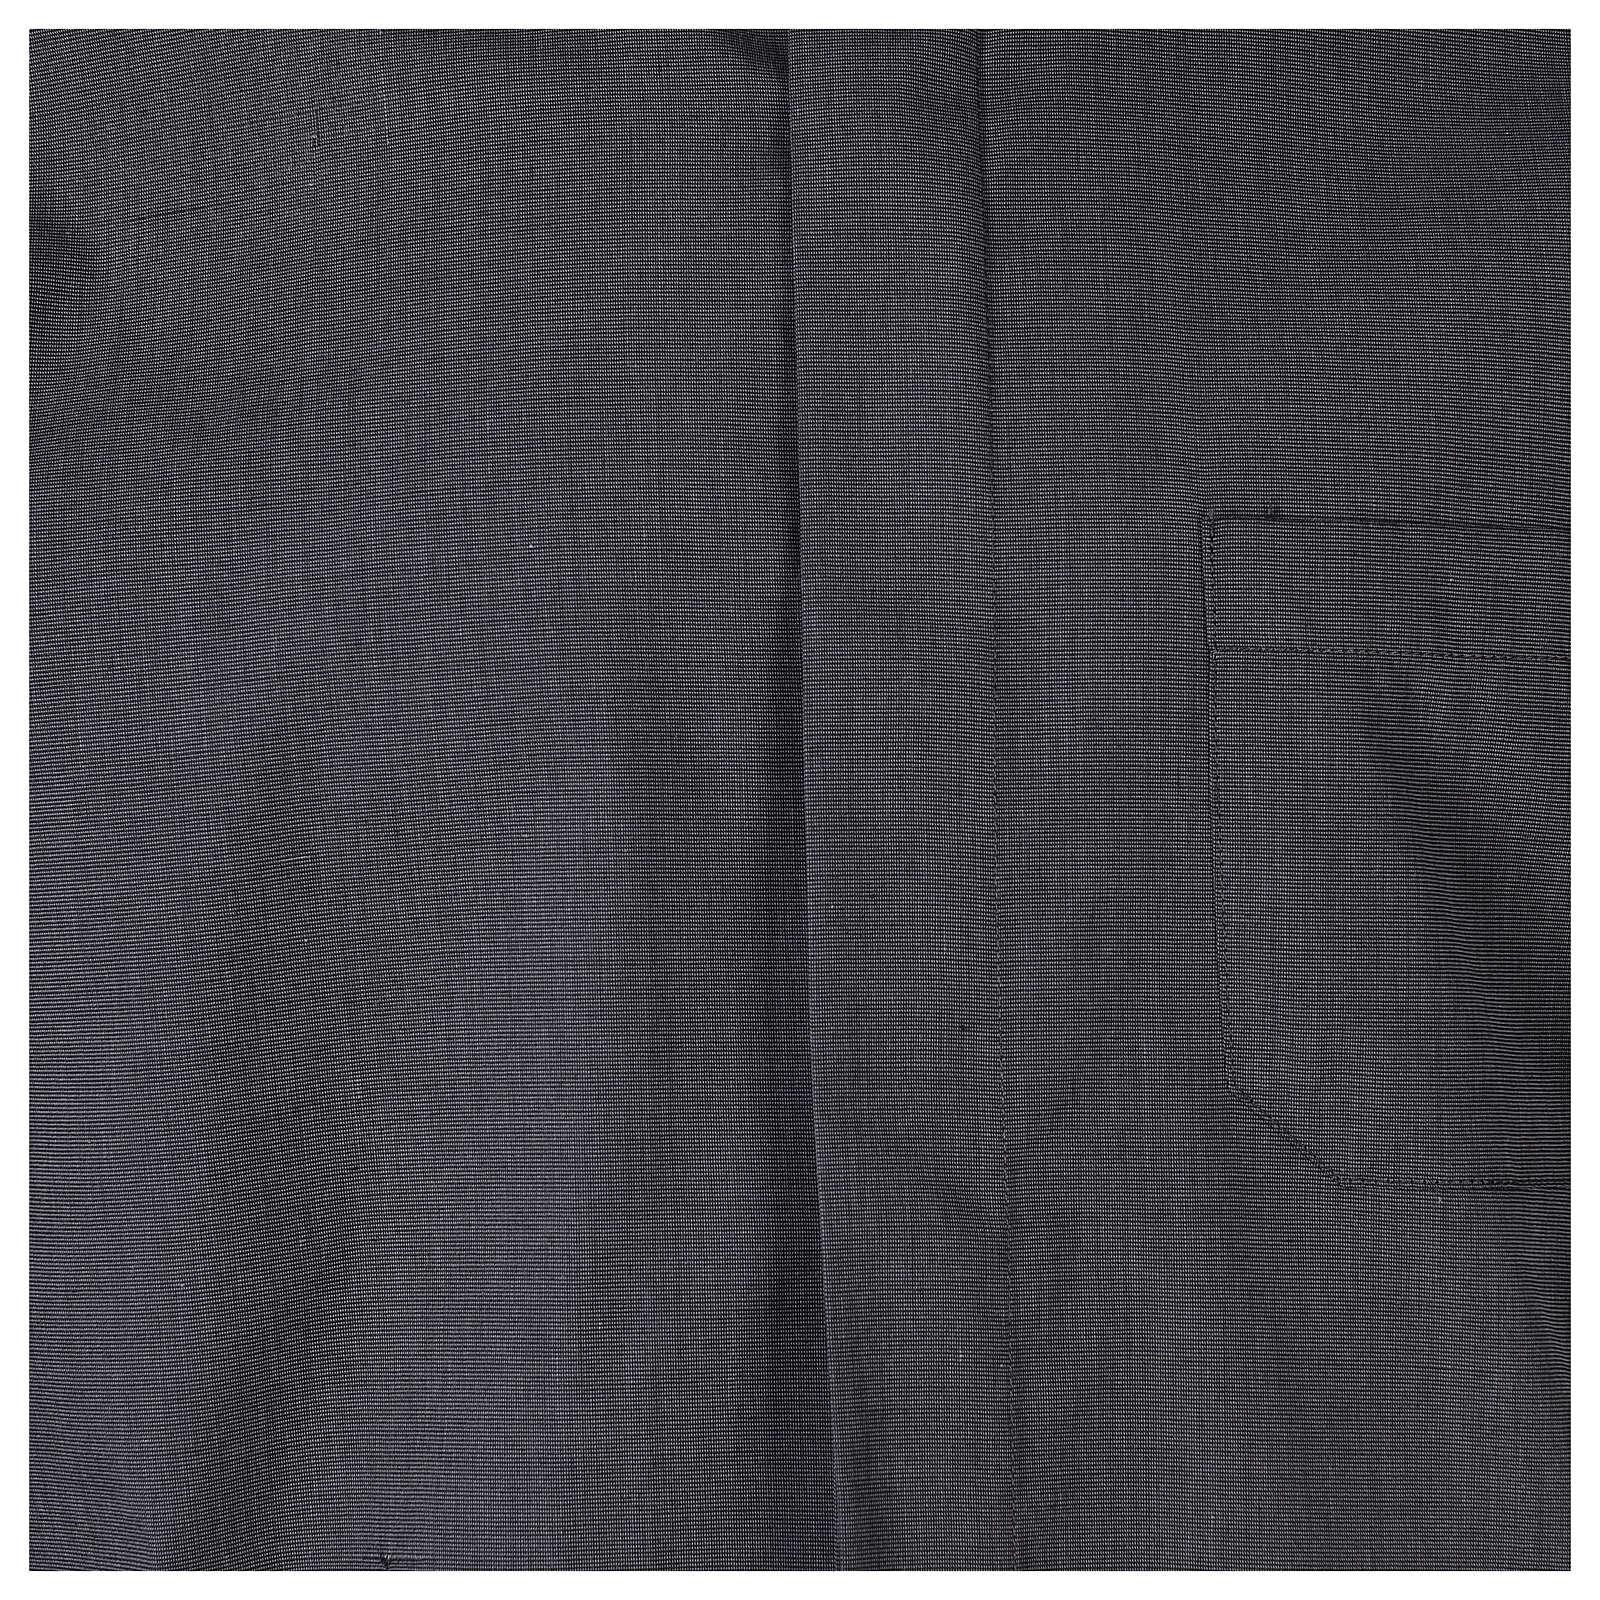 Camicia clergyman grigio scuro fil a fil m. corta 4